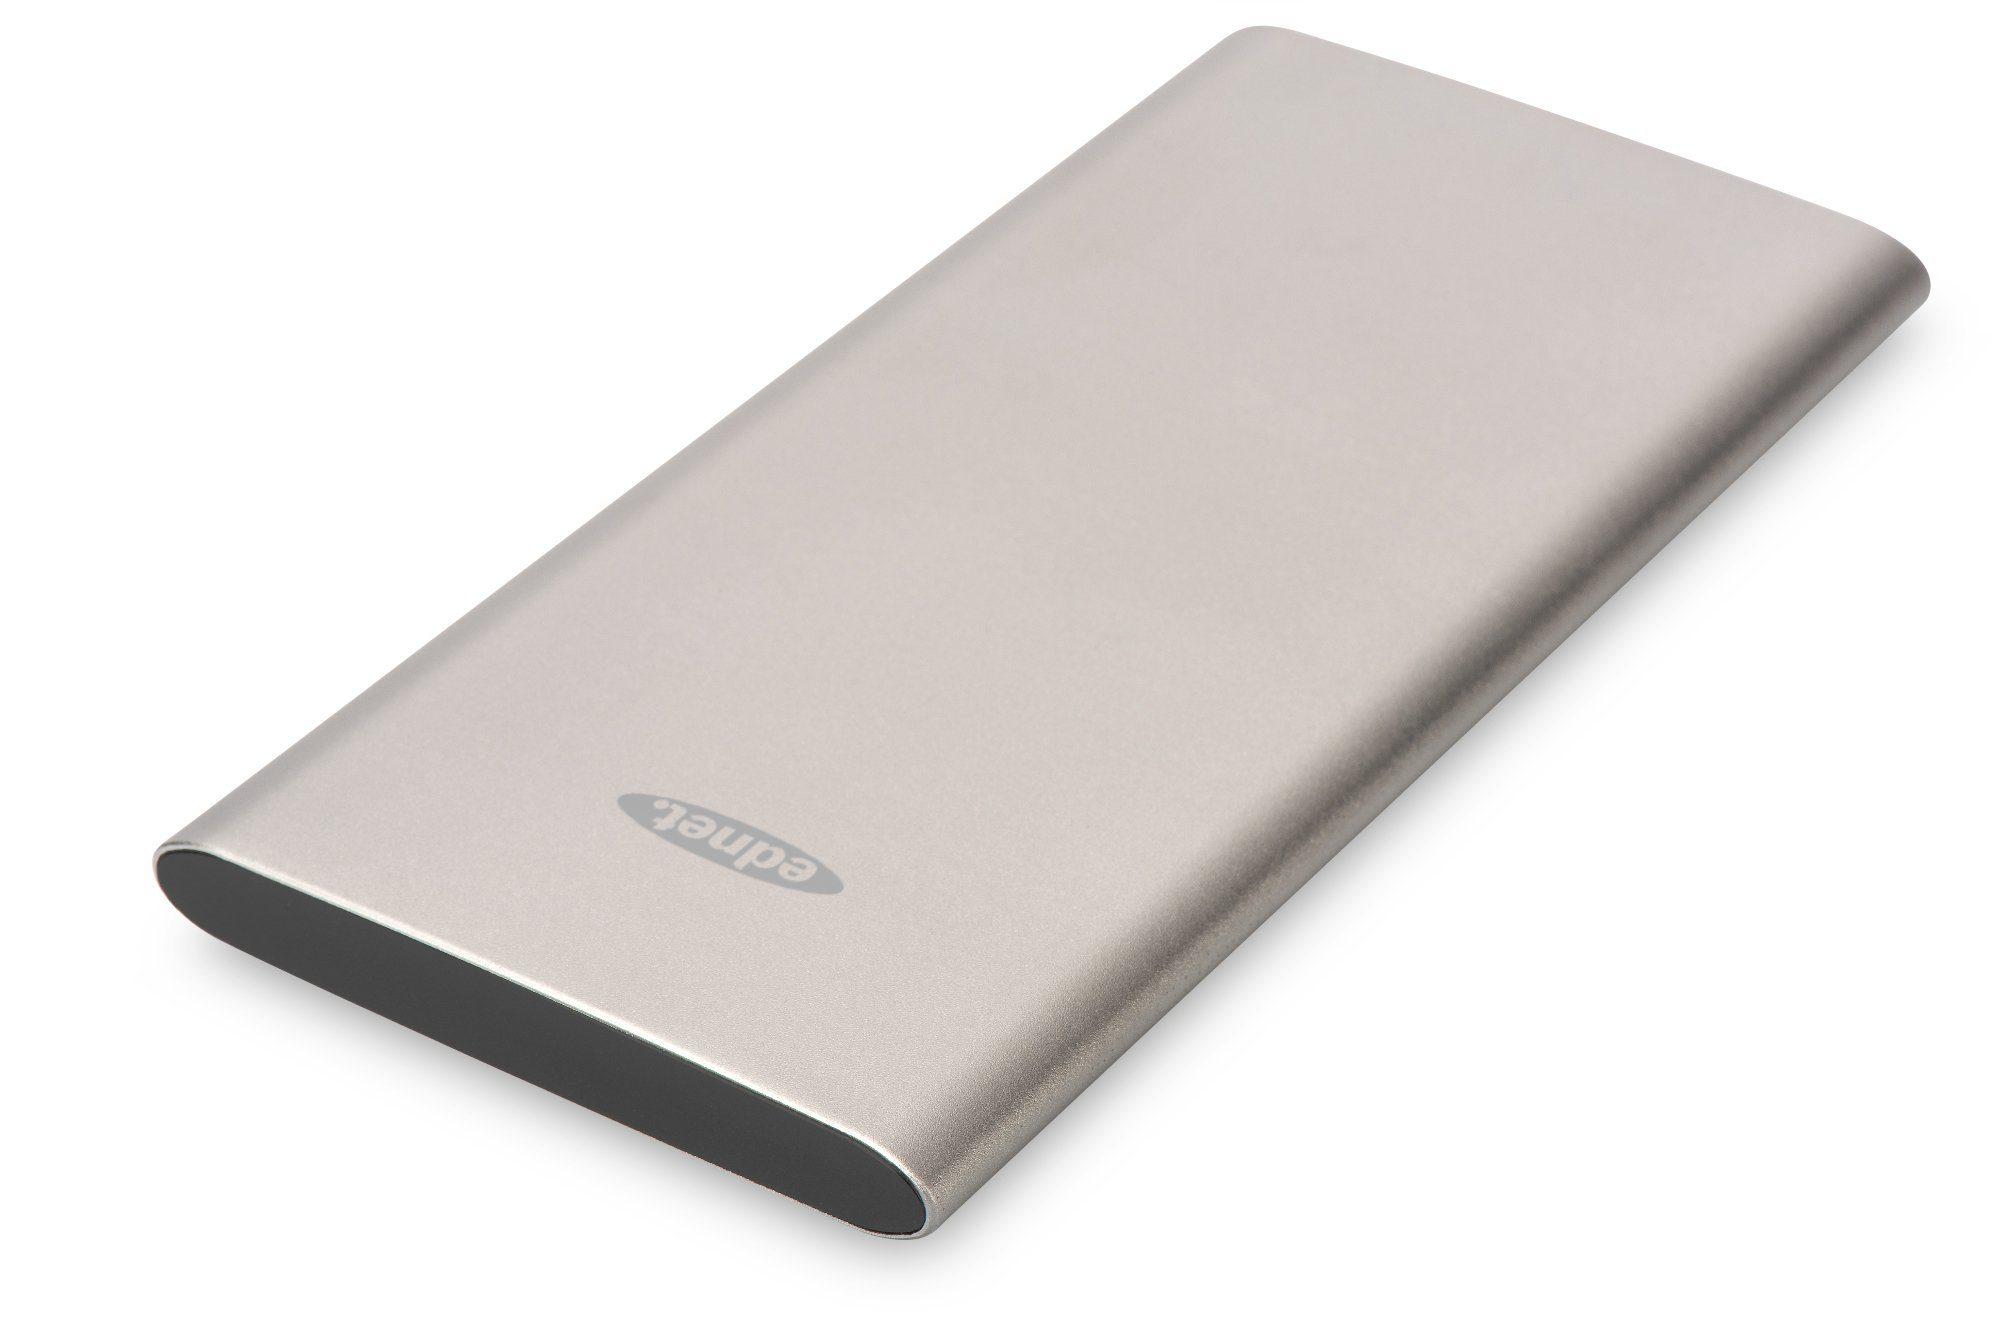 Ednet Powerbank »Ednet Slim Line Aluminium Power Bank grau«